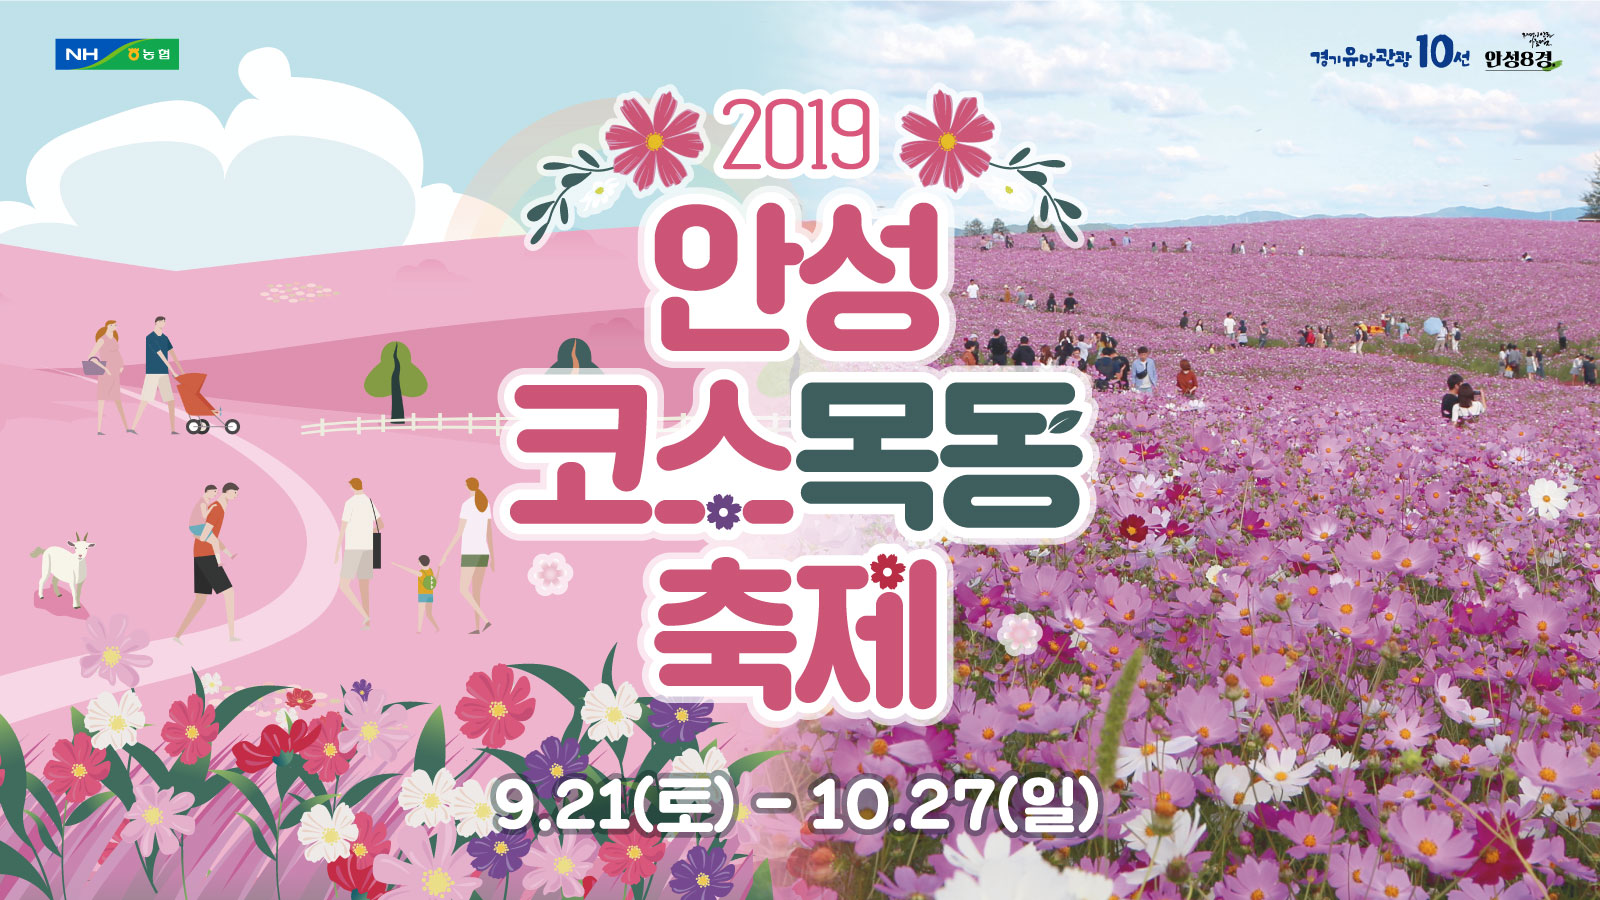 안성코스목동축제  <br>2019.09.21 - 10.27 안성팜랜드 (경기 안성시)